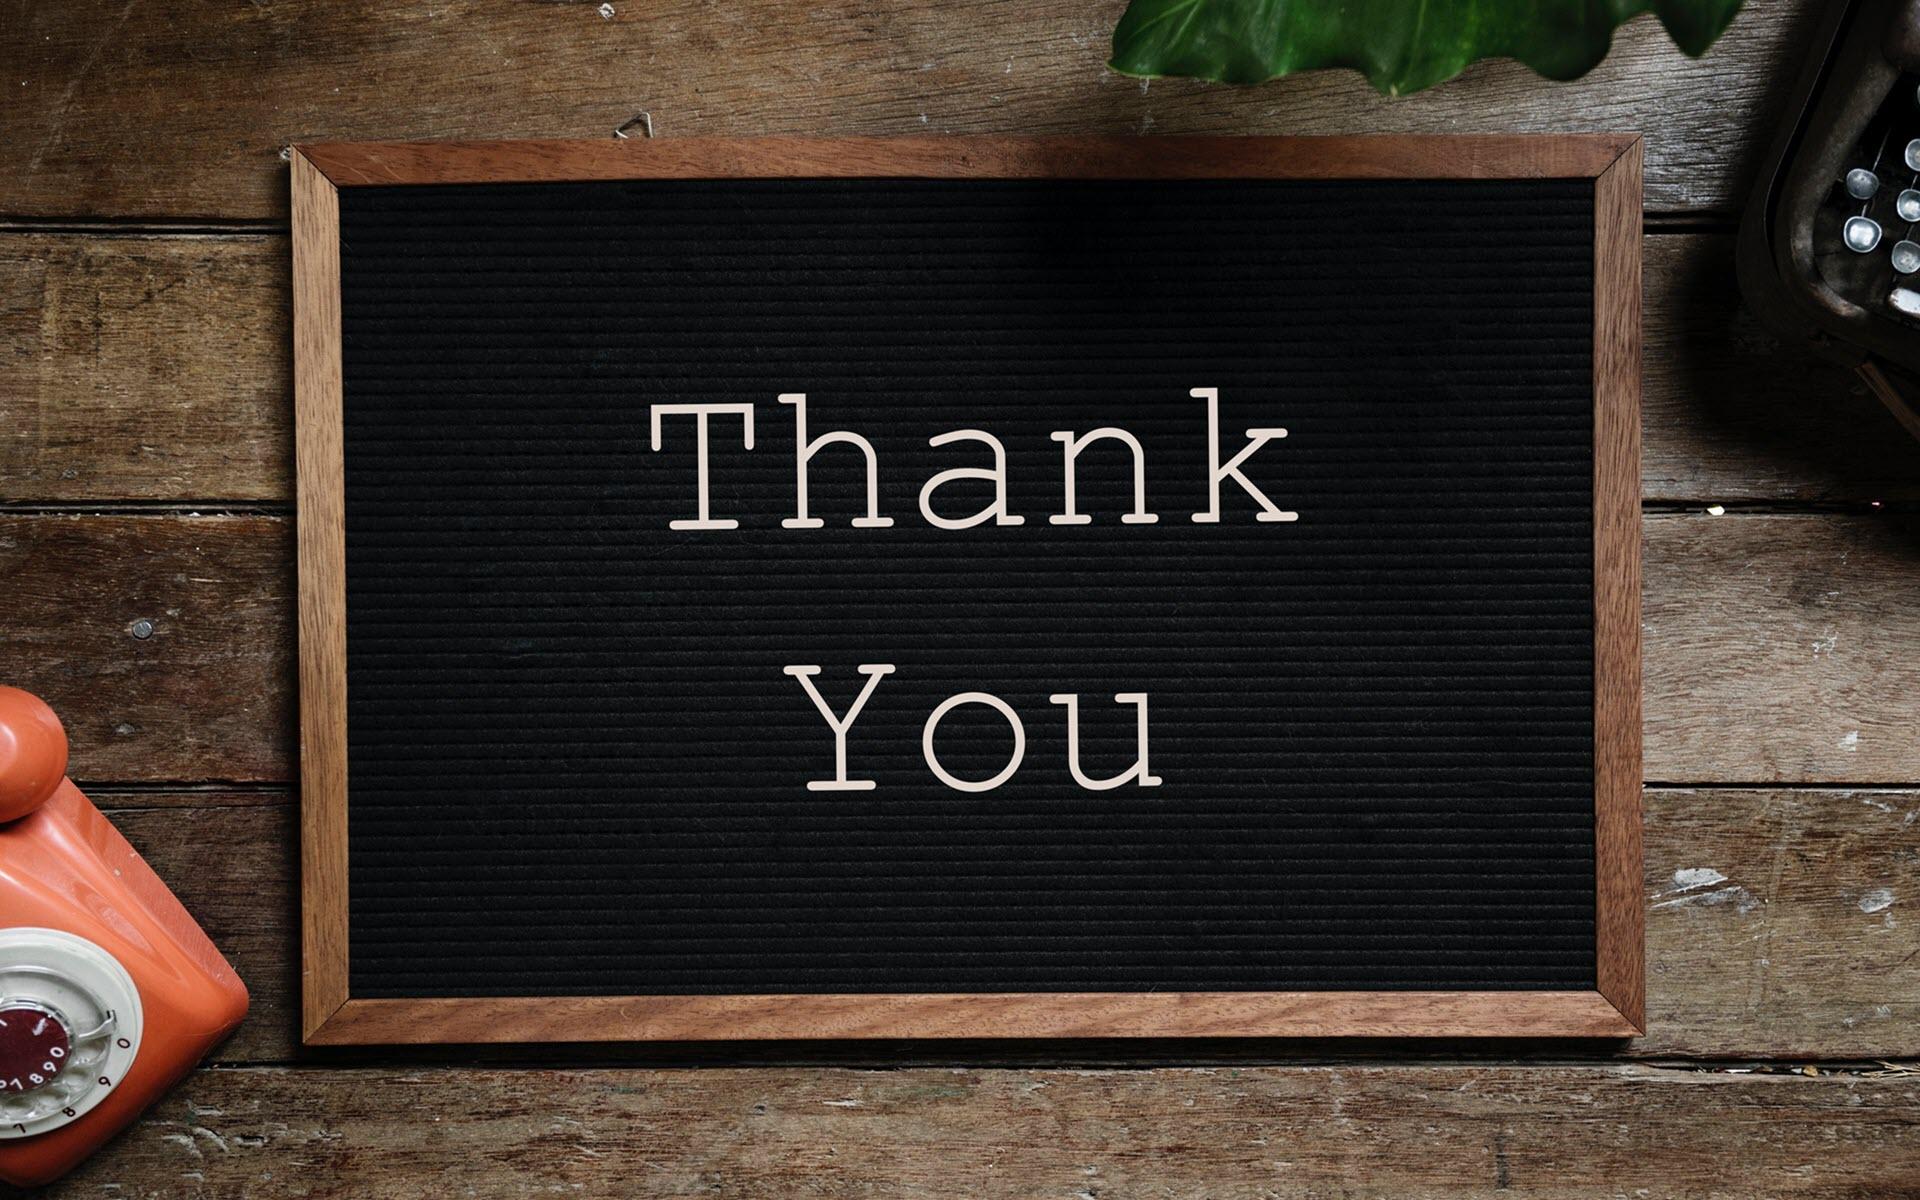 Ảnh nền cảm ơn, thank you đẹp